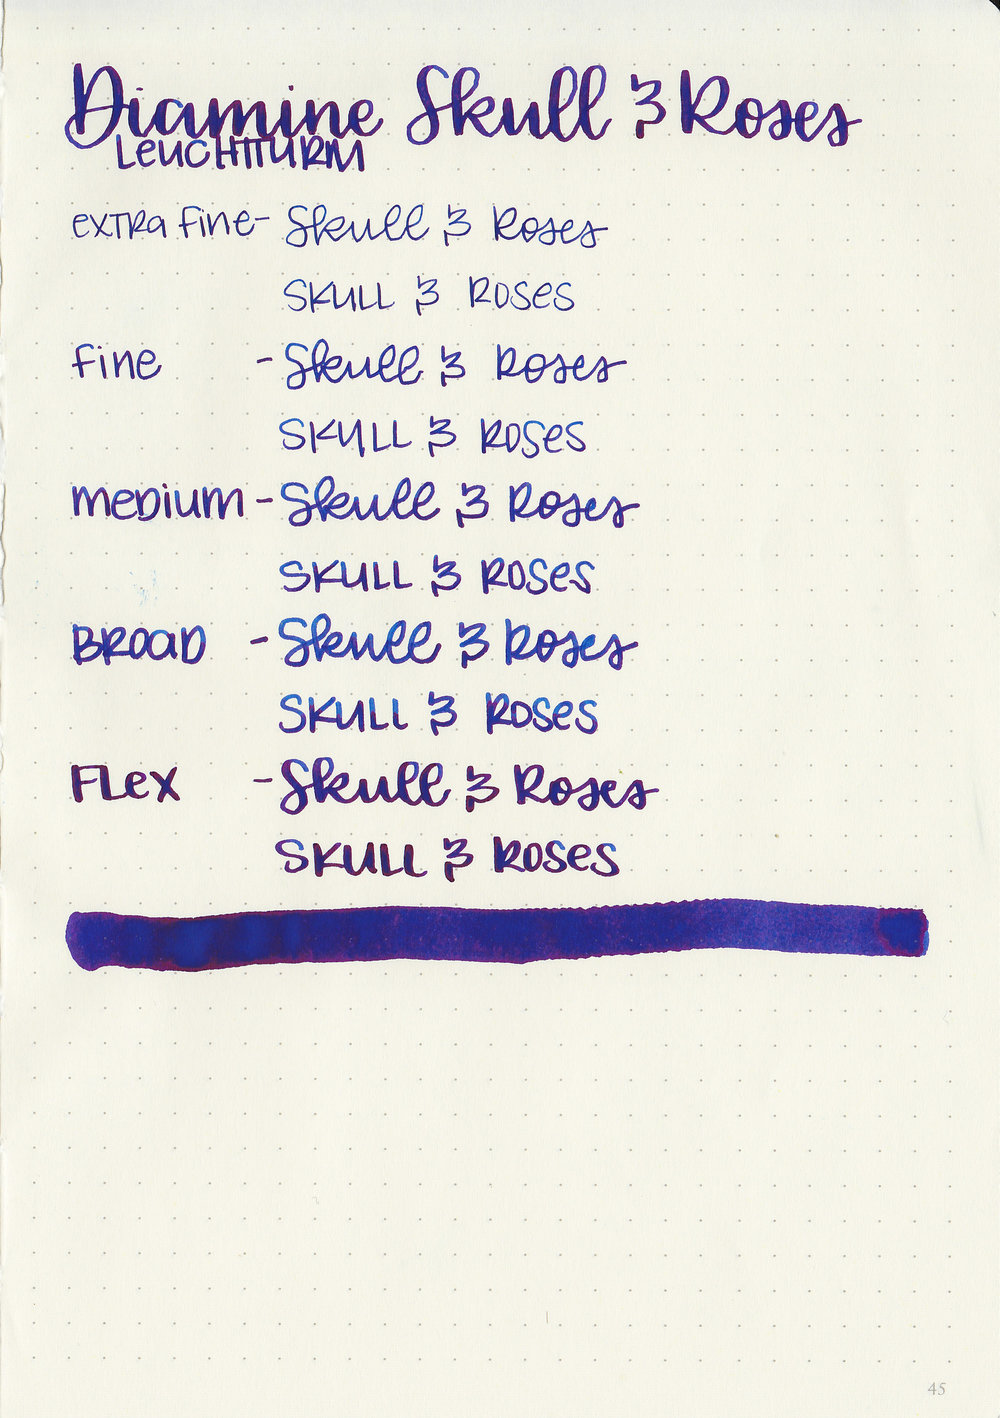 d-skull-and-roses-7.jpg